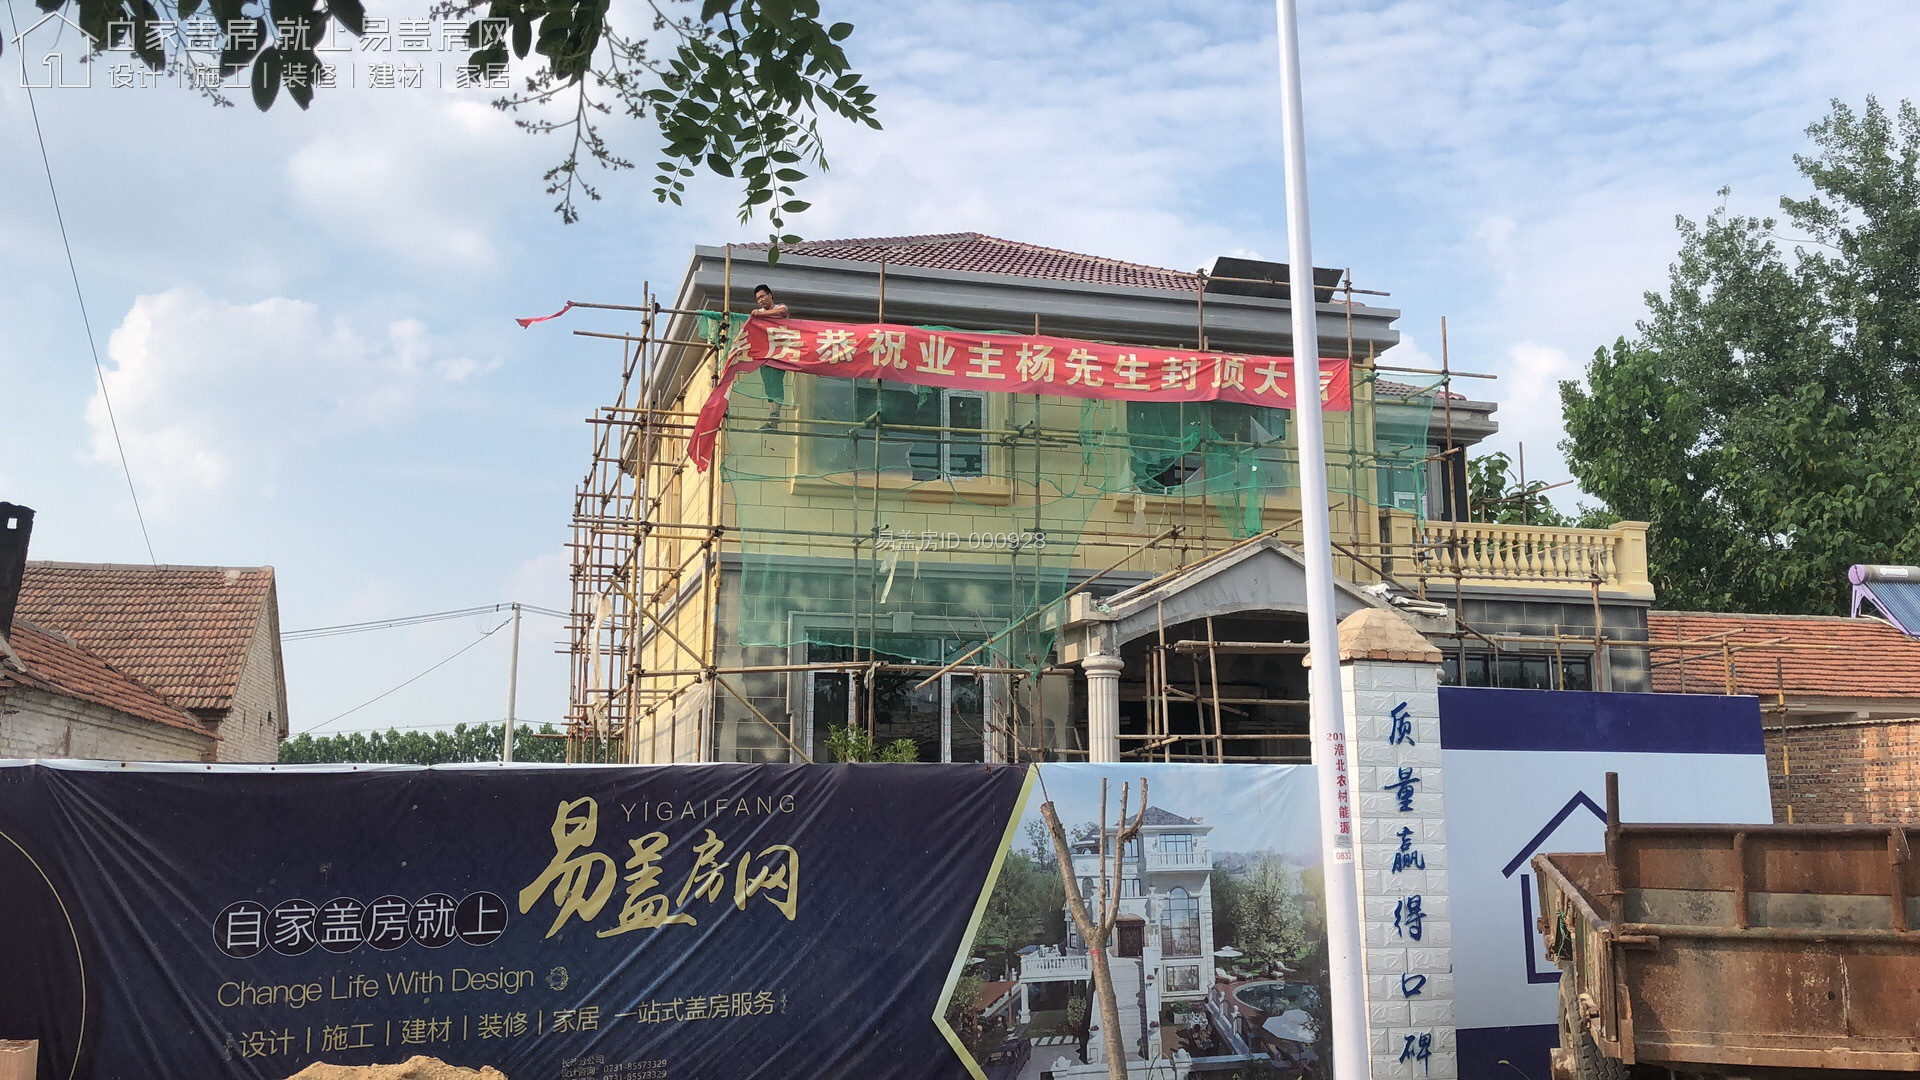 安徽淮北楊東方別墅(修改圖紙百城計劃)工地直播